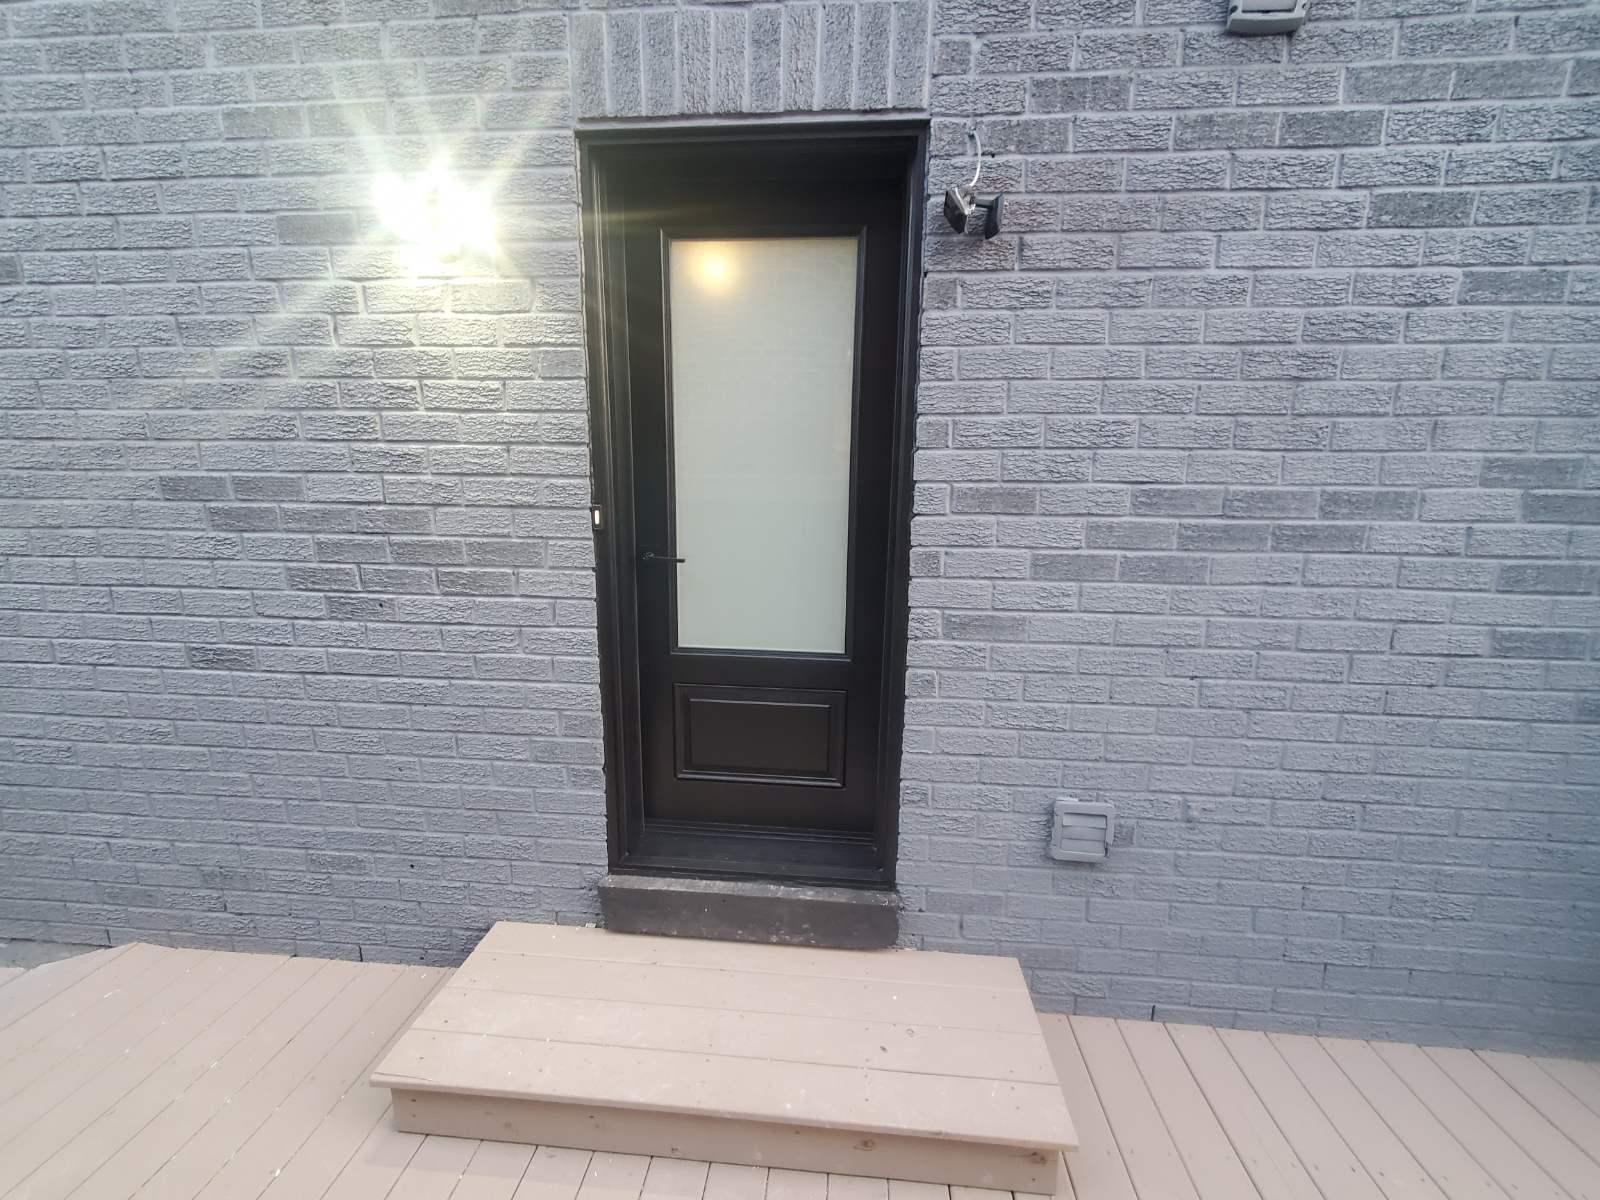 Black Fiberglass Door and Steel Door Installation and Replacement, PVC and Vinyl Windows, Woodbridge, Maple, Vaughan, King, Aurora, Nemwarket, Caledon, Nobleton, Kleinburg